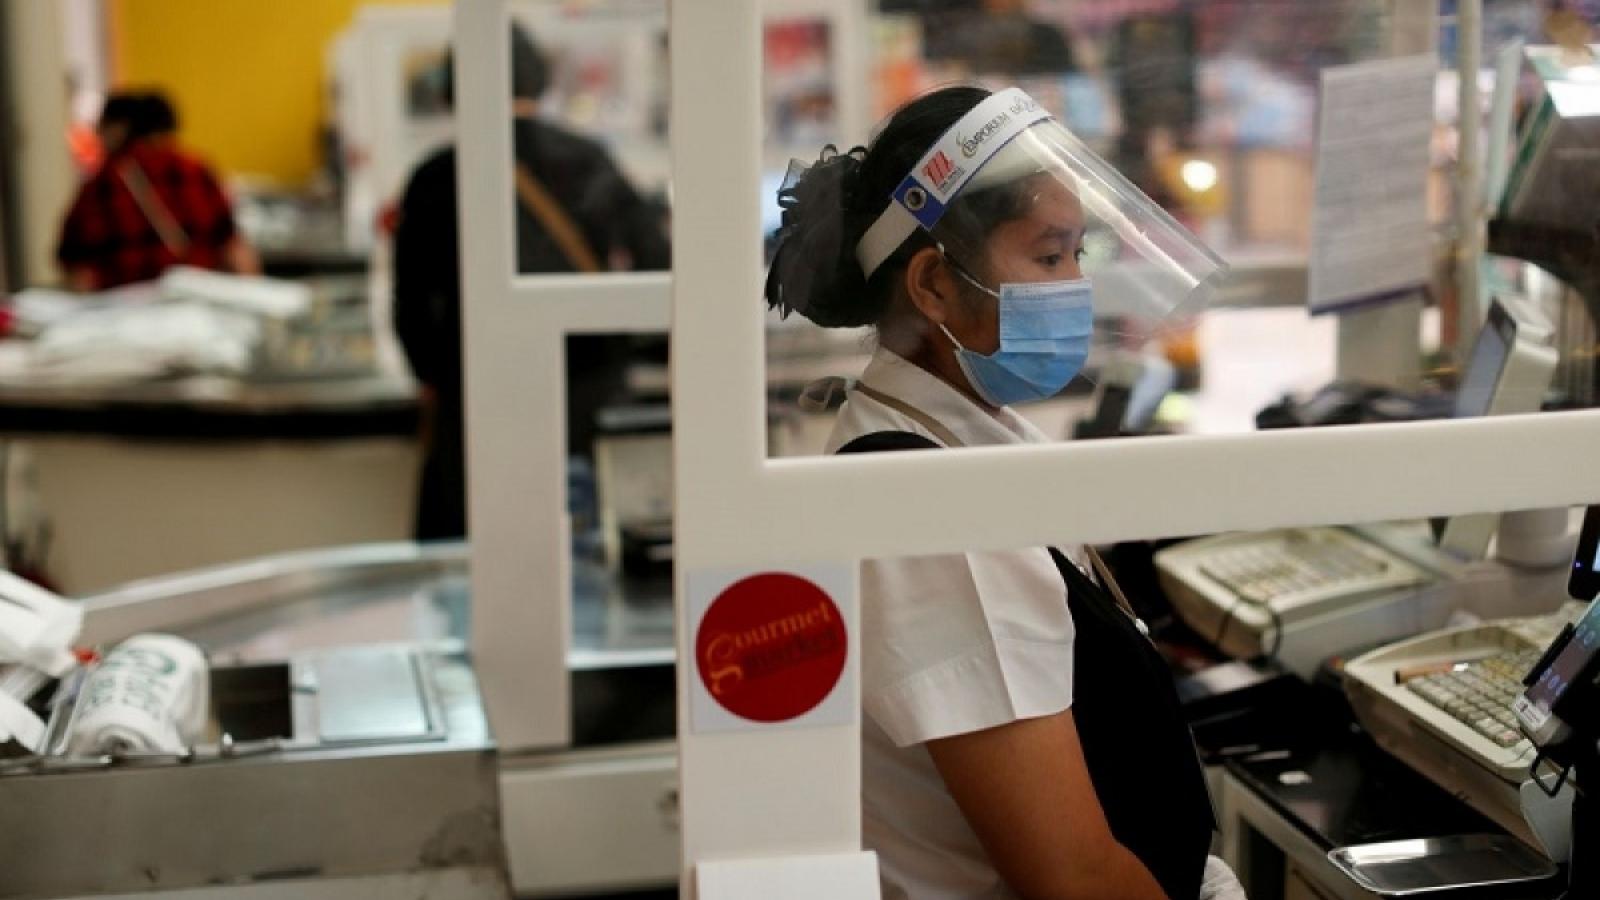 Làn sóng Covid-19 mới có thể khiến GDP của Thái Lan giảm 4%